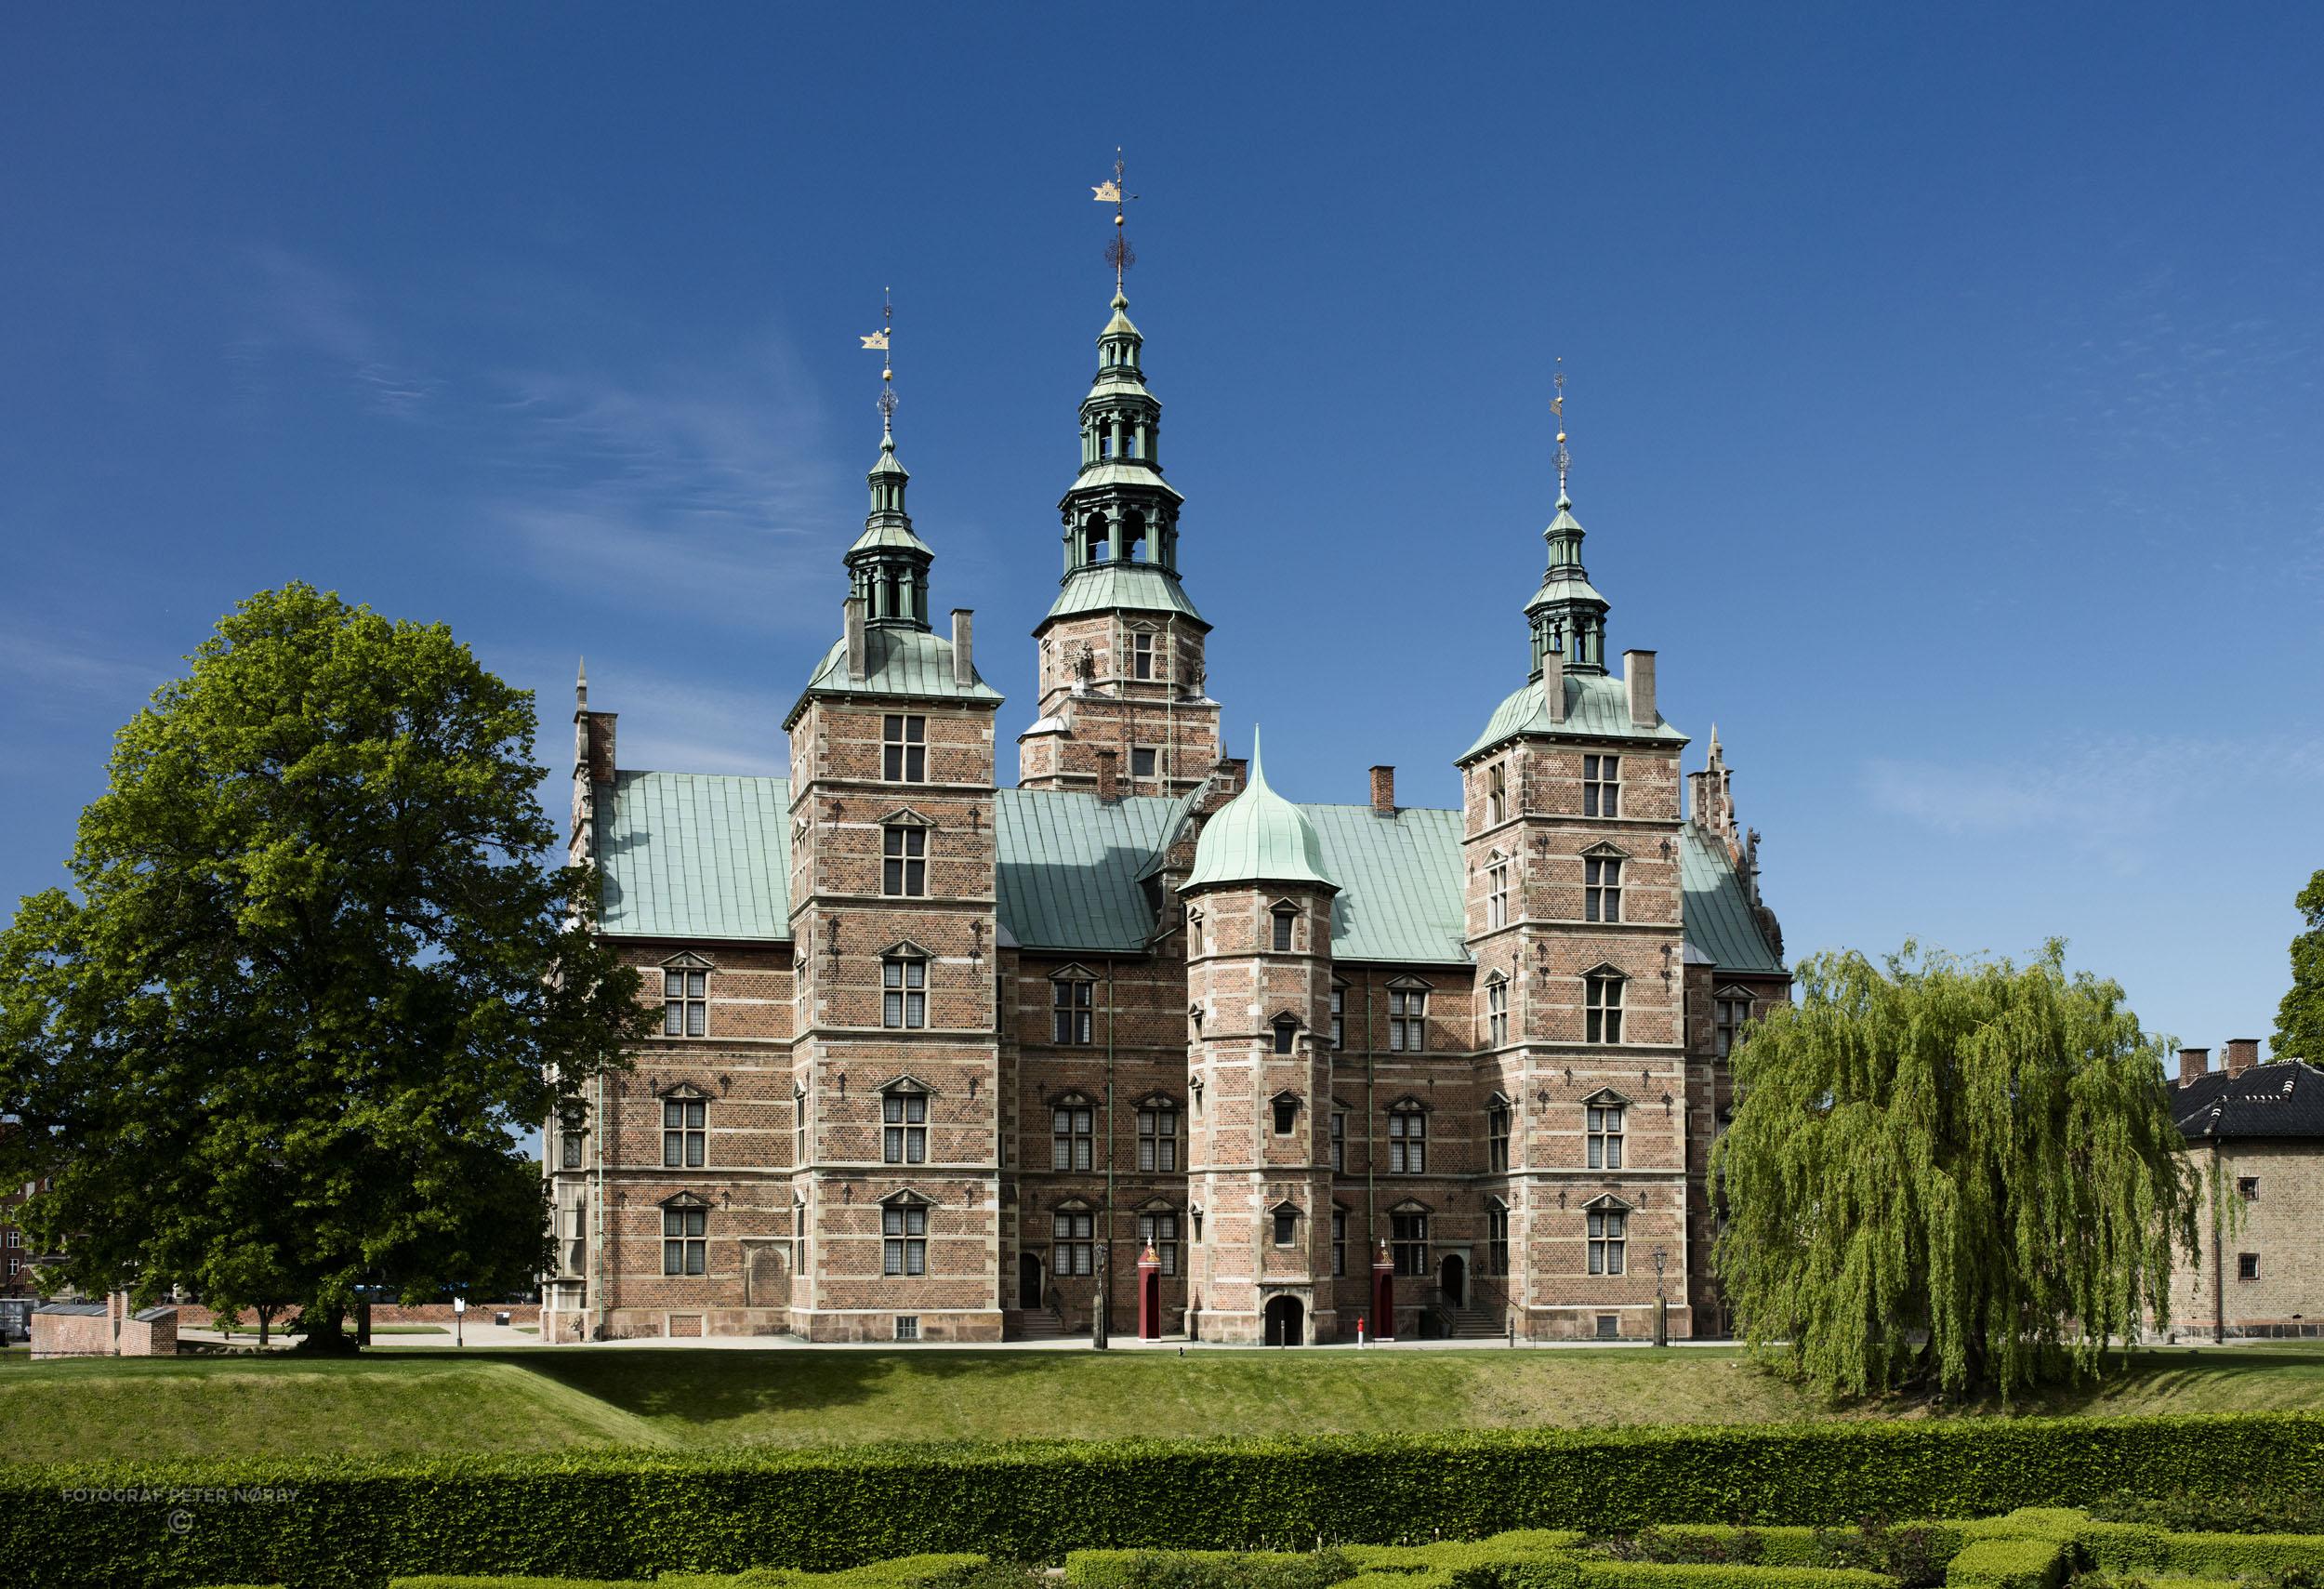 Rosenborg_Oestvendt_Facade_01.jpg